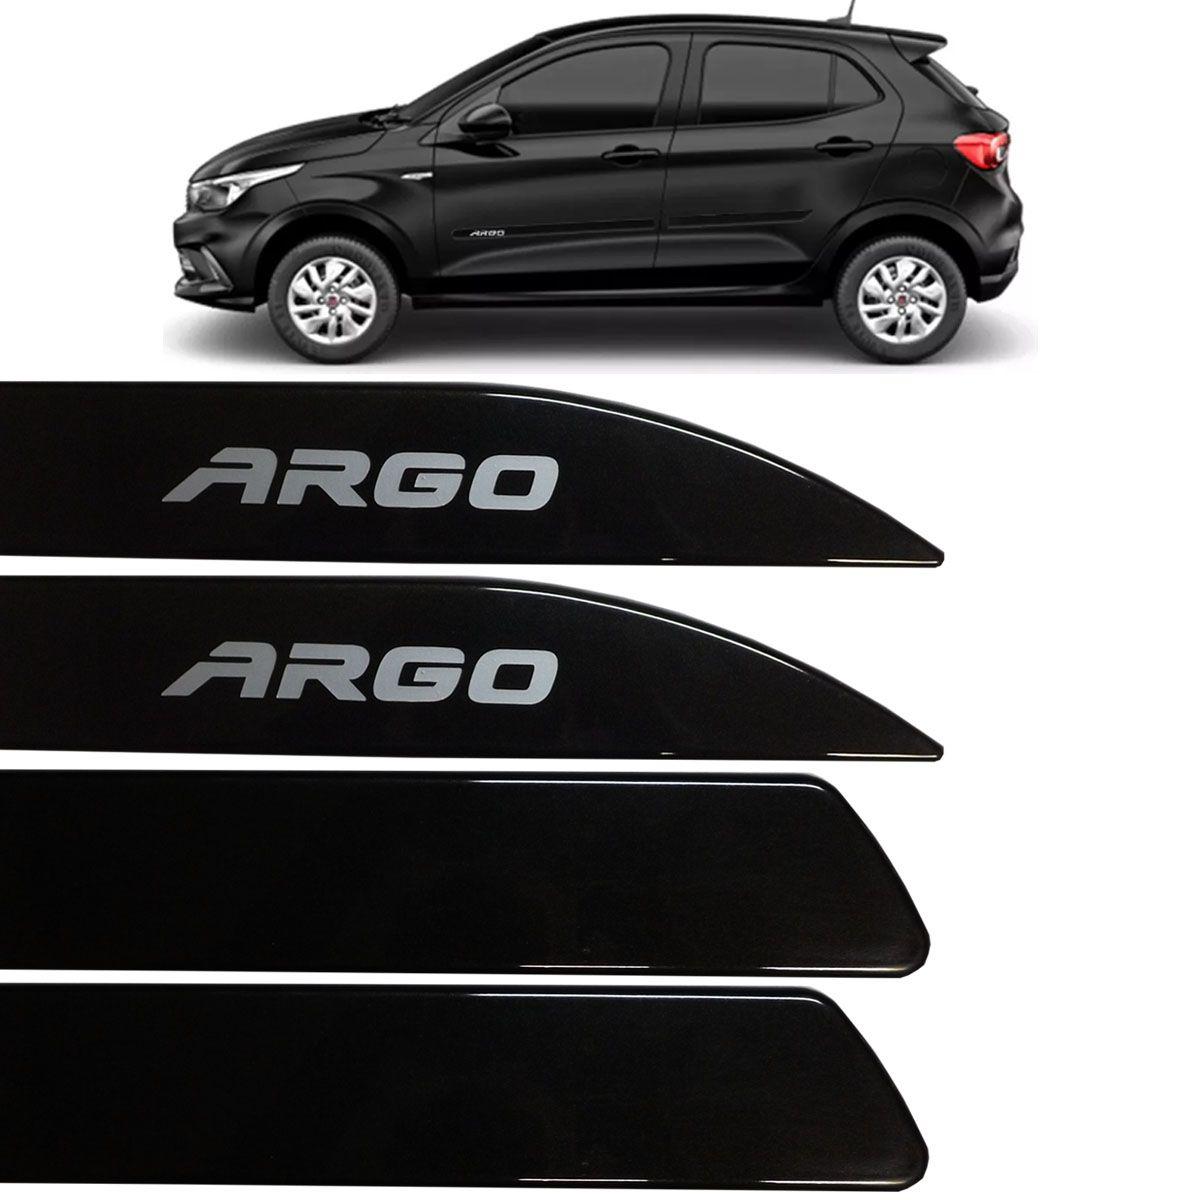 Jogo Friso Lateral Argo 2017 Até 2018 Preto Vesuvio